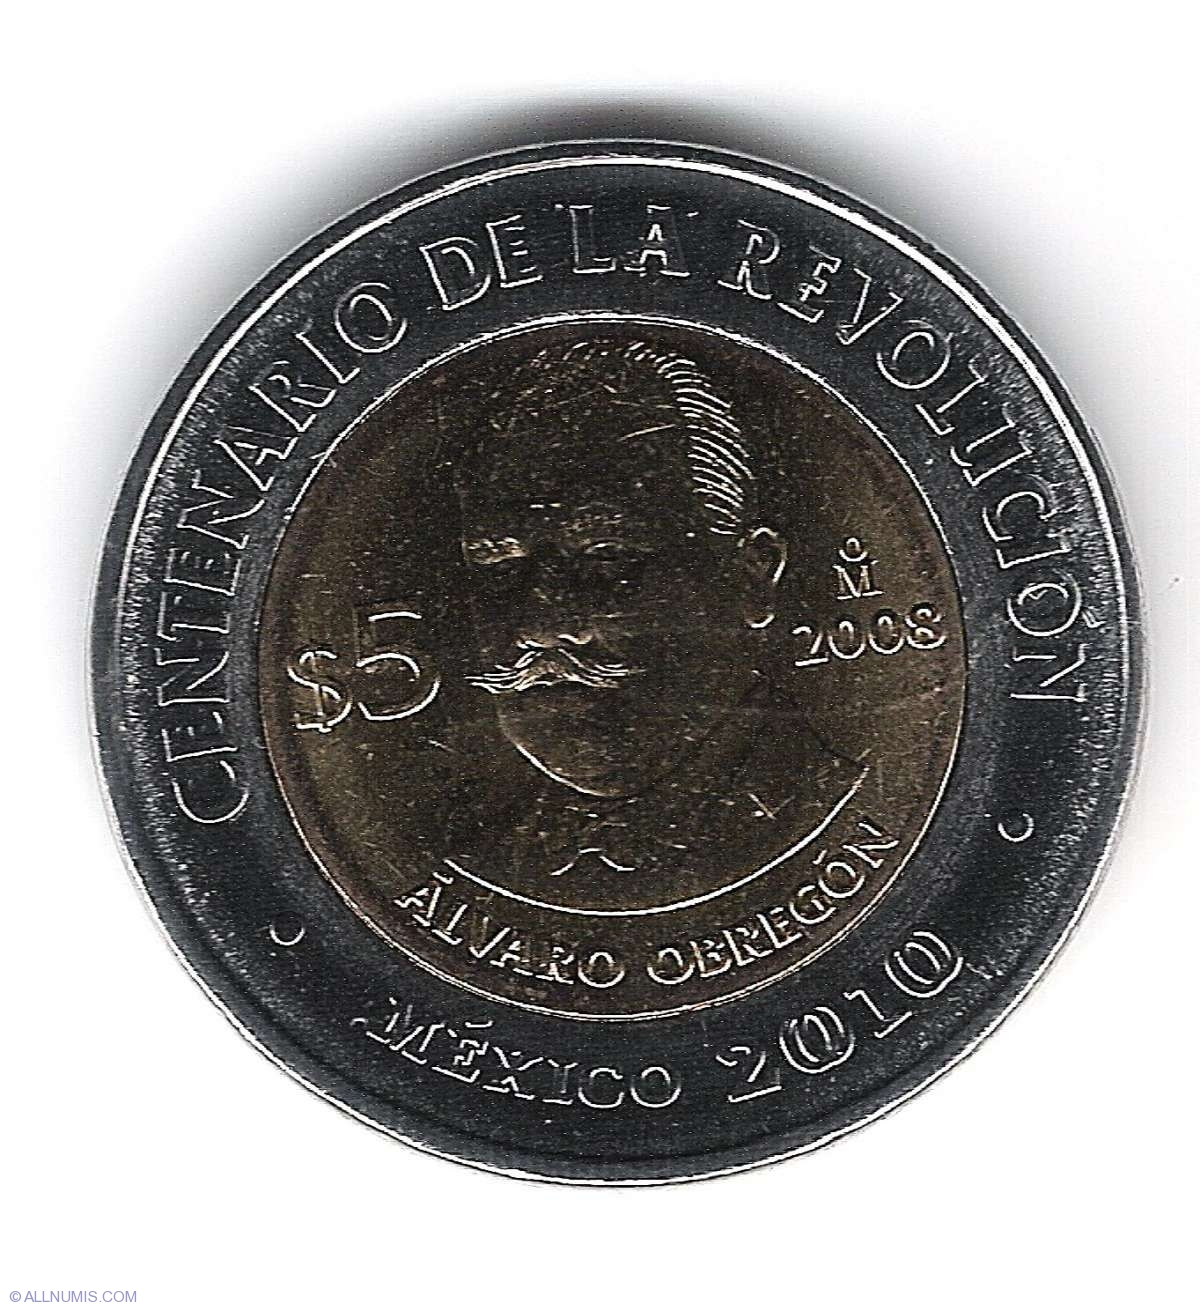 MEXICO COMMEMORATIVE BIMETALLIC COIN 5 PESOS KM895 UNC 2008 Alvaro Obregon